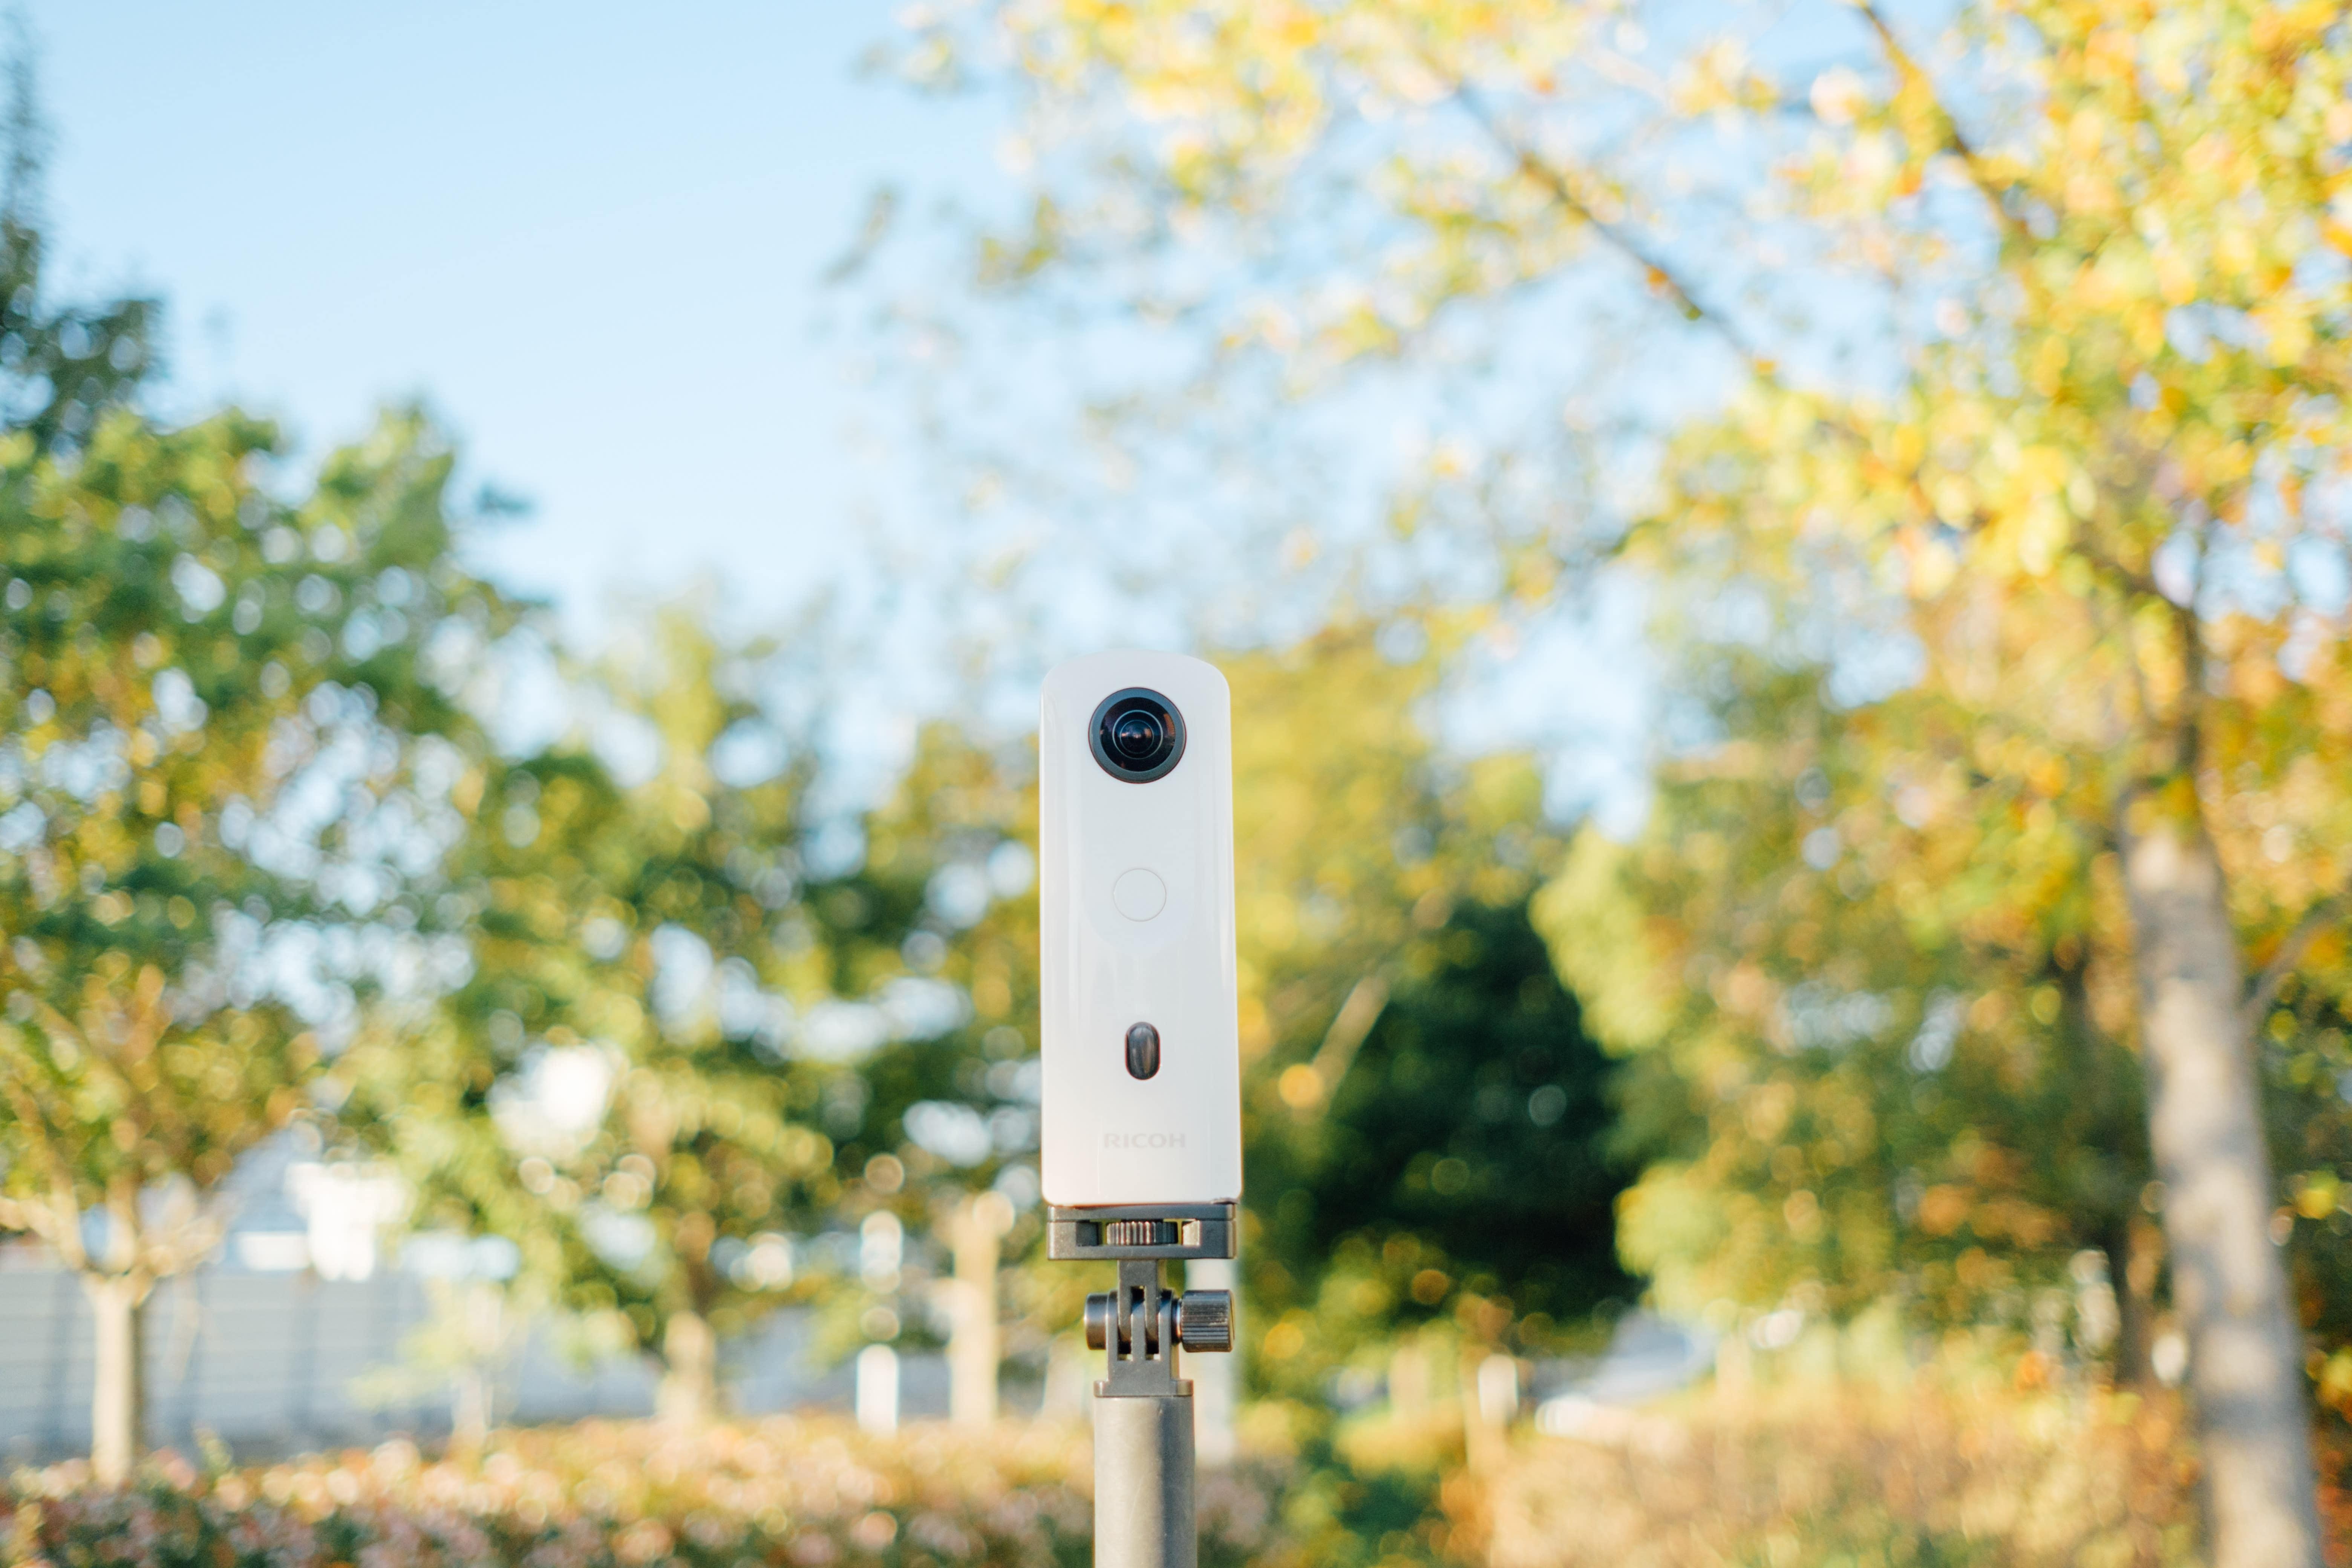 デートやお出かけに使える360度カメラ!RICOH THETA SC2の使い方&レビュー